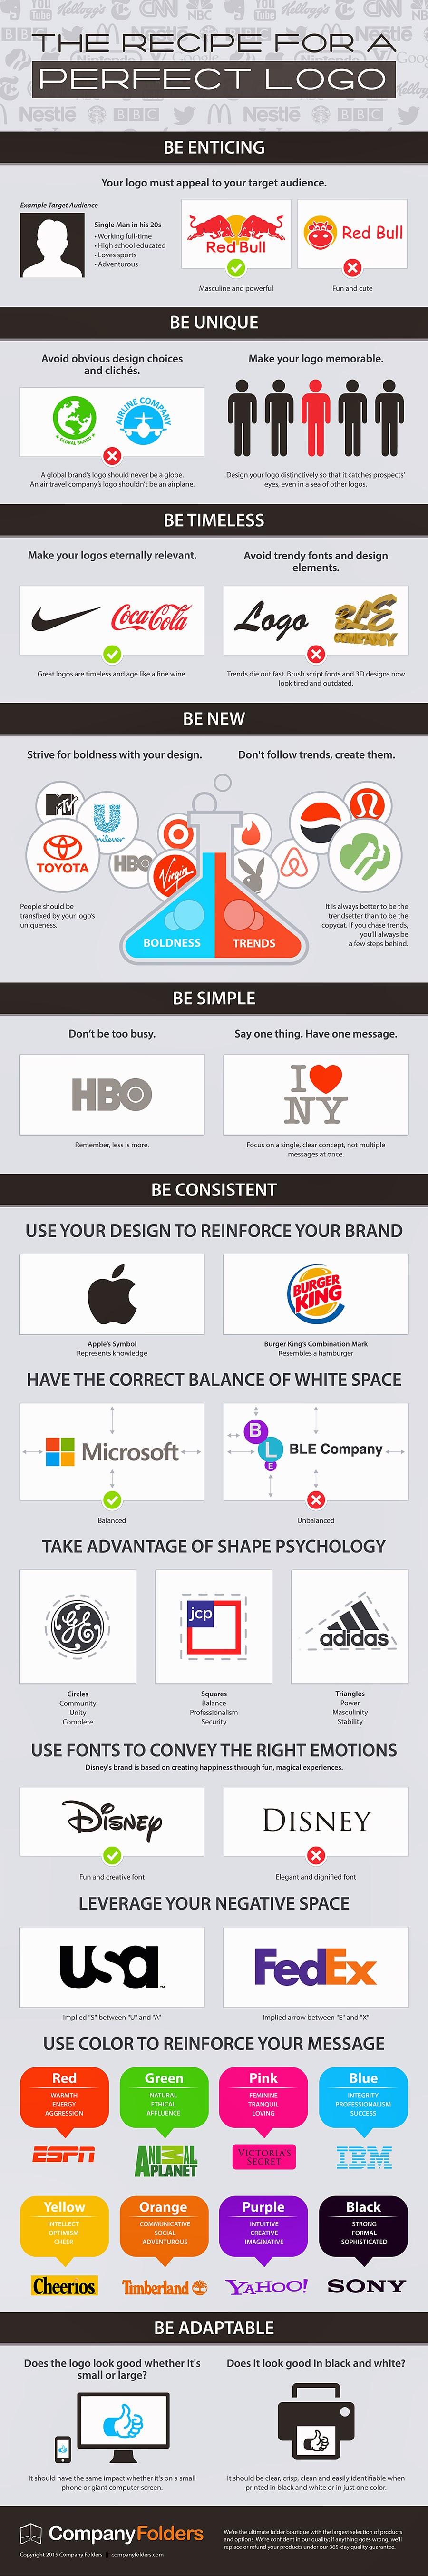 La receta para crear el logotipo perfecto